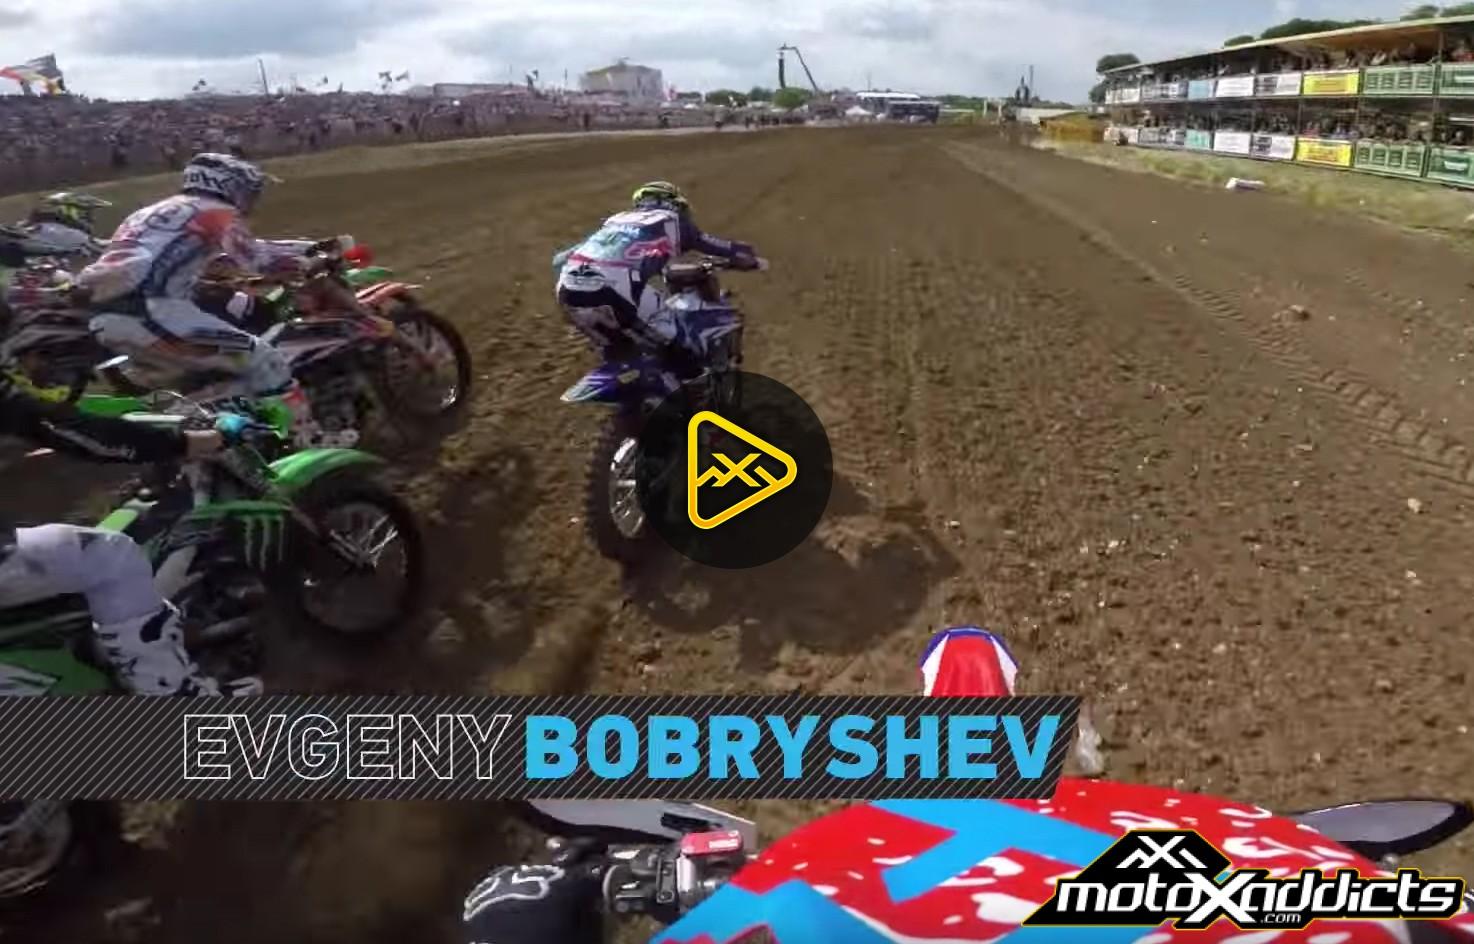 GoPro Helmet Cam: Evgeny Bobryshev at 2016 MXGP of France